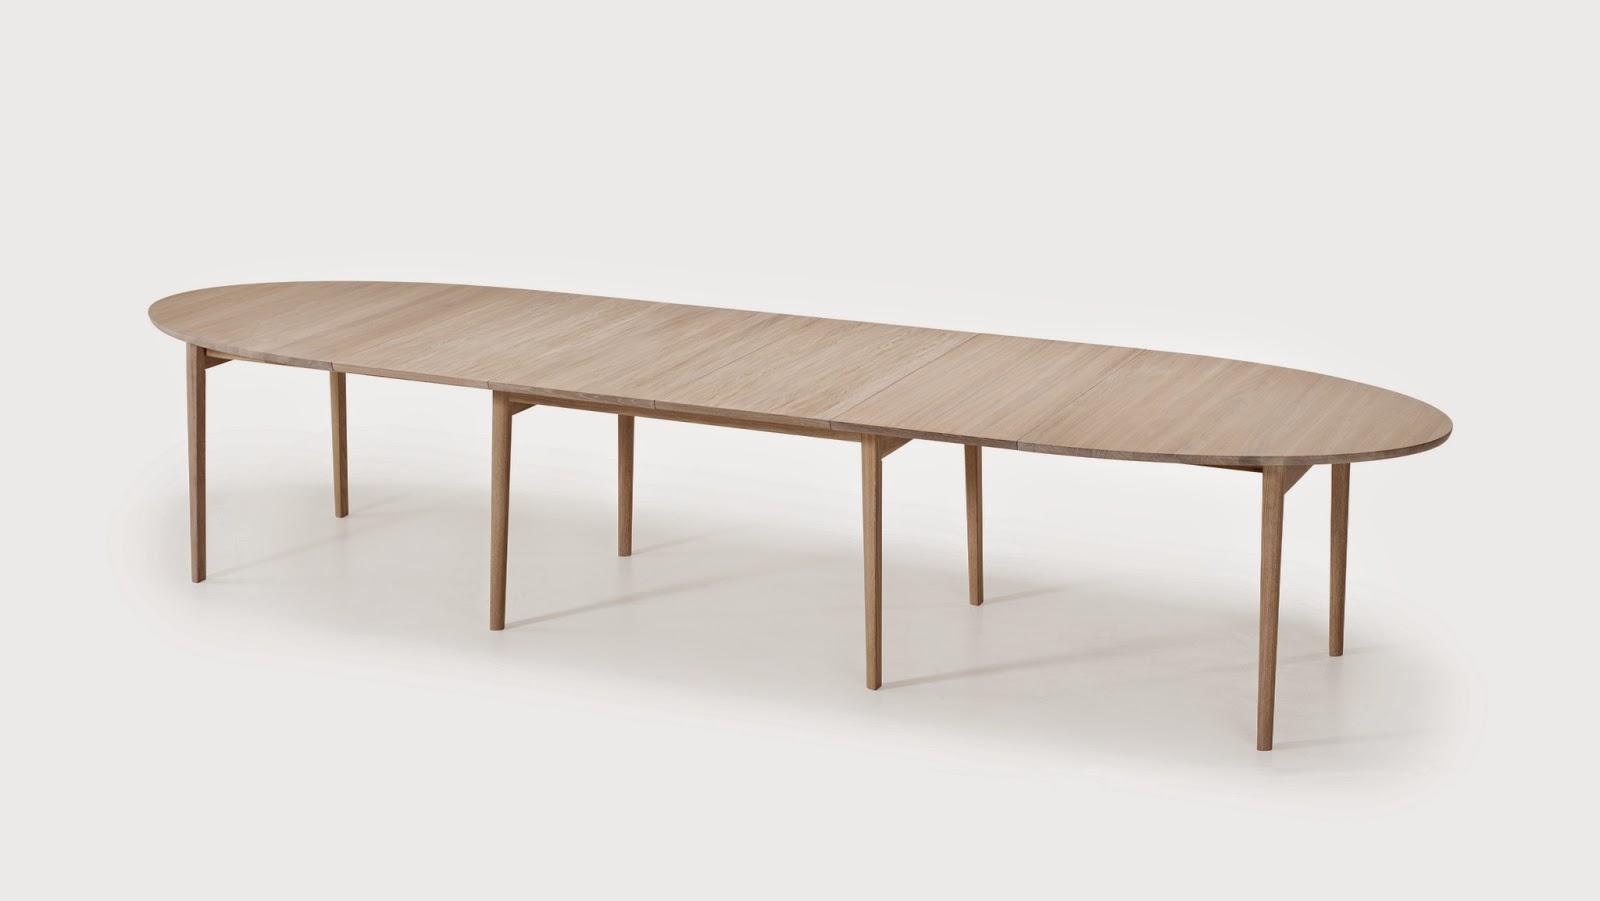 Ovale tafel sm noordkaap meubelen